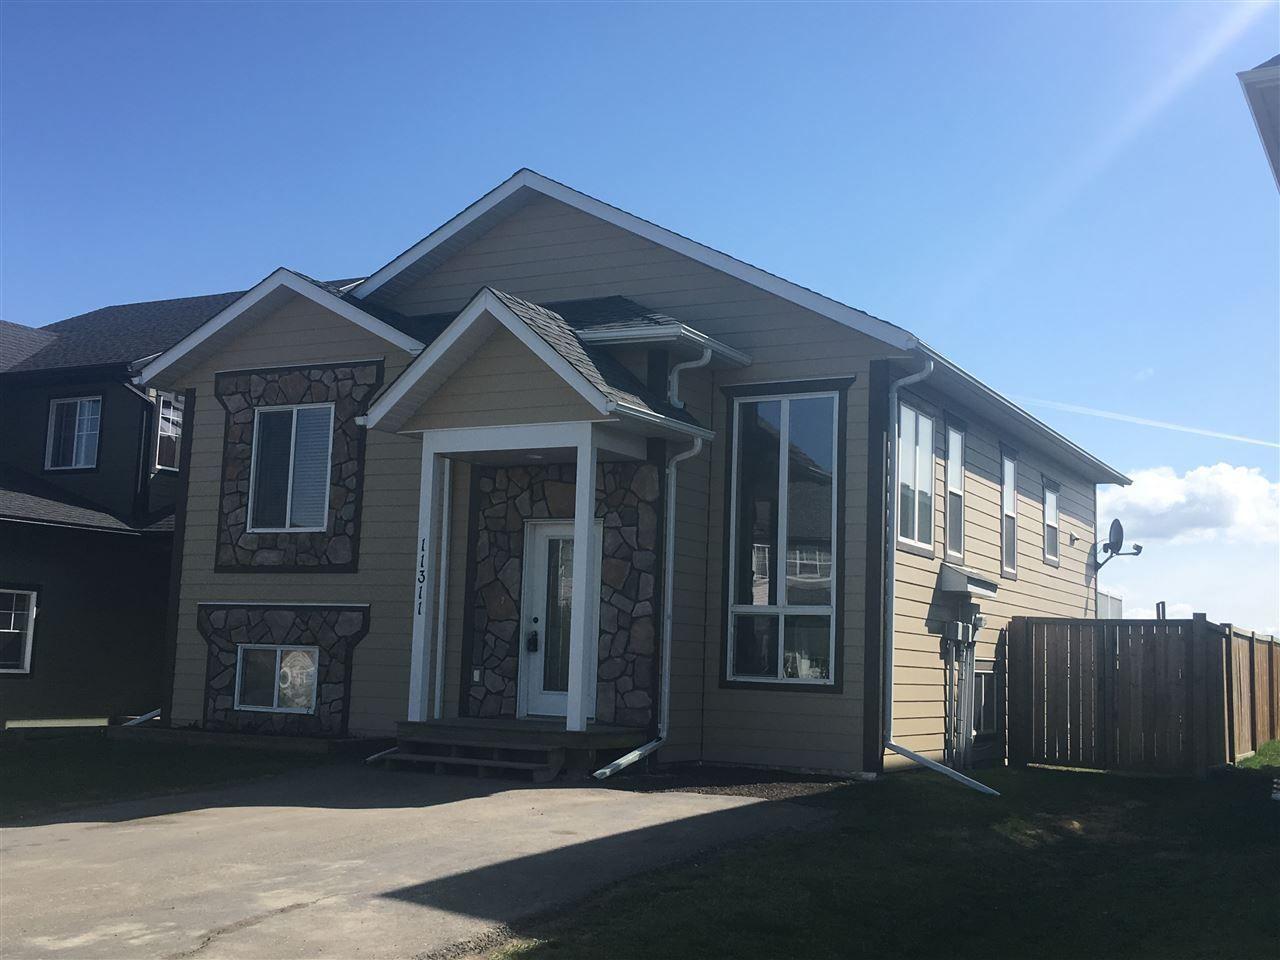 """Main Photo: 11311 88A Street in Fort St. John: Fort St. John - City NE House for sale in """"PANORAMA RIDGE"""" (Fort St. John (Zone 60))  : MLS®# R2269526"""